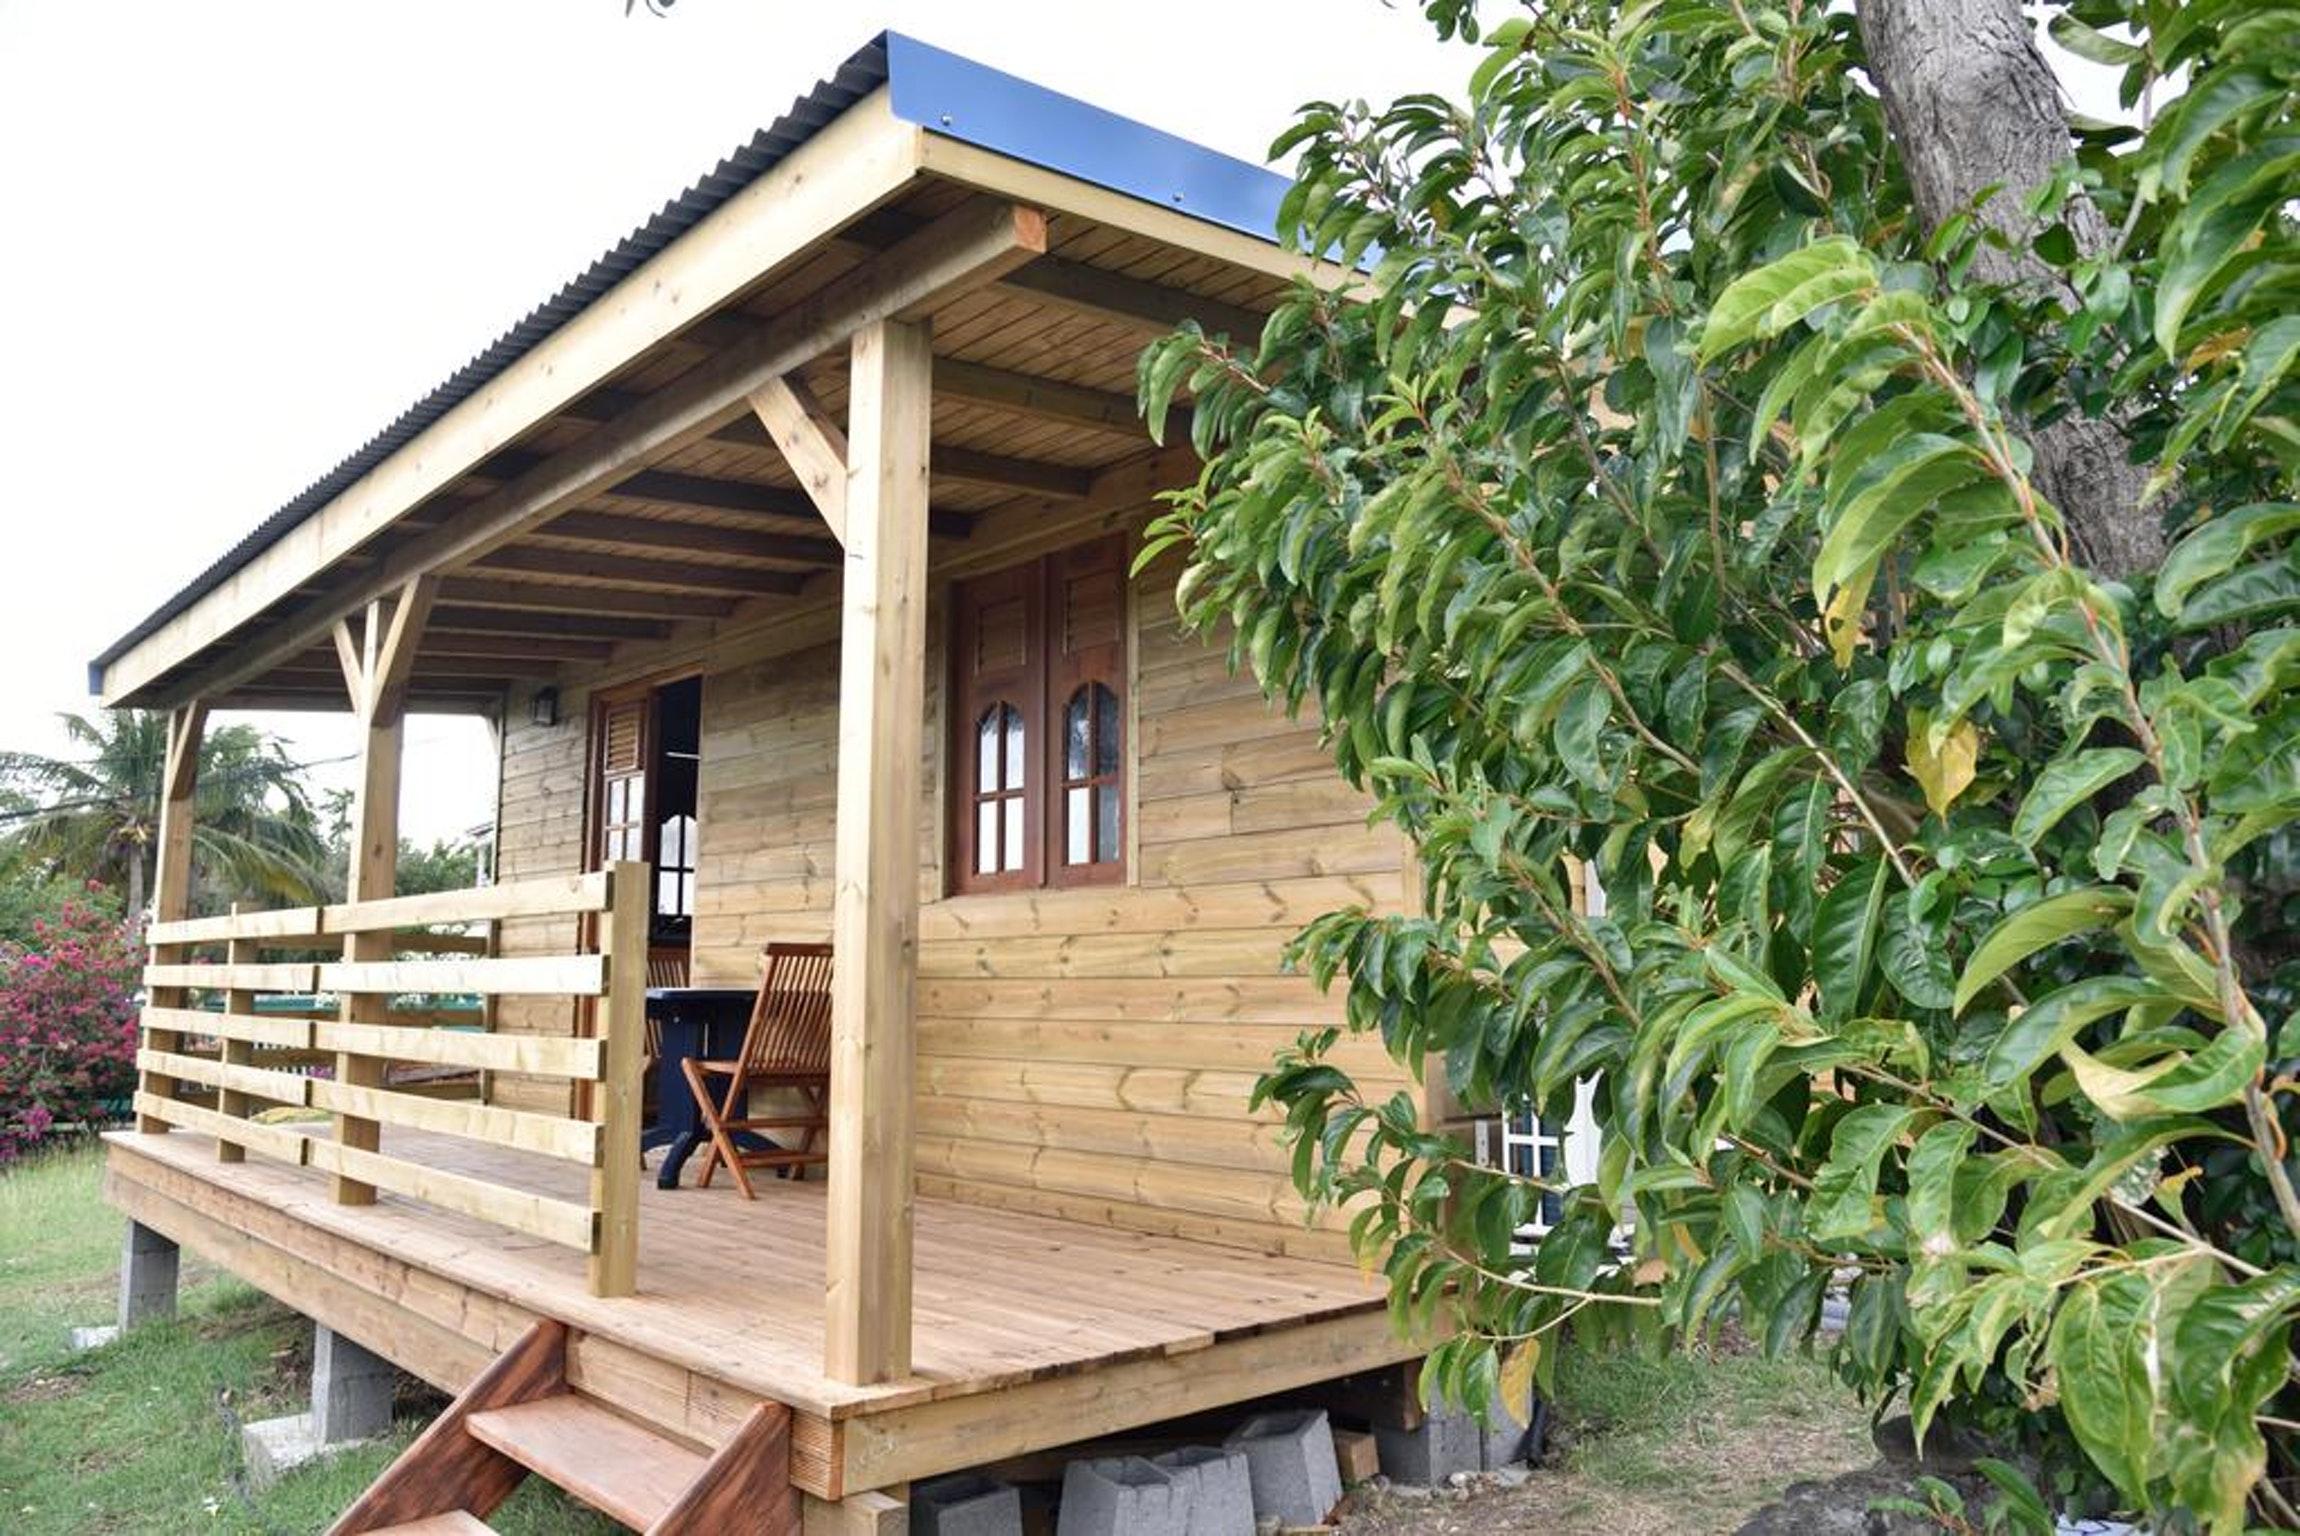 Hütte mit einem Schlafzimmer in Bouillante mi Ferienhaus in Guadeloupe